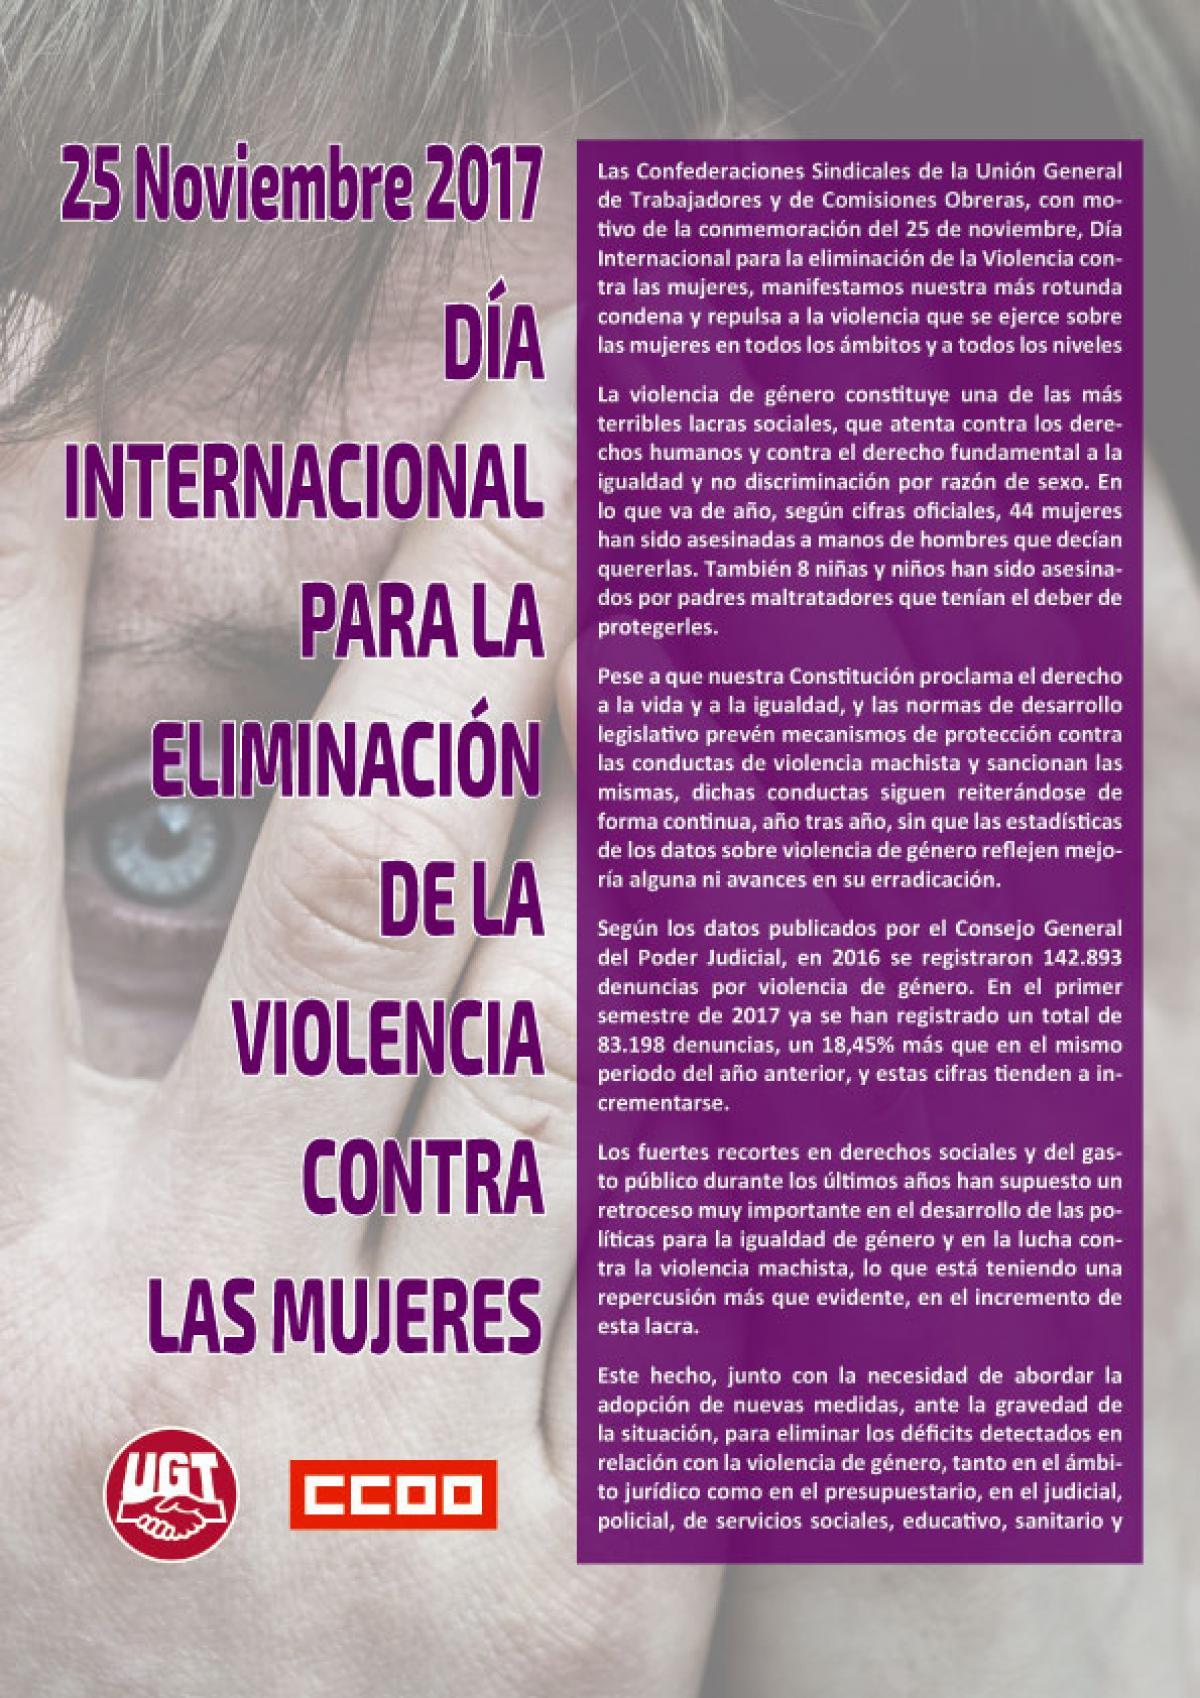 Manifiesto de CCOO y UGT Día Internacional para la eliminación de la violencia contra las mujeres